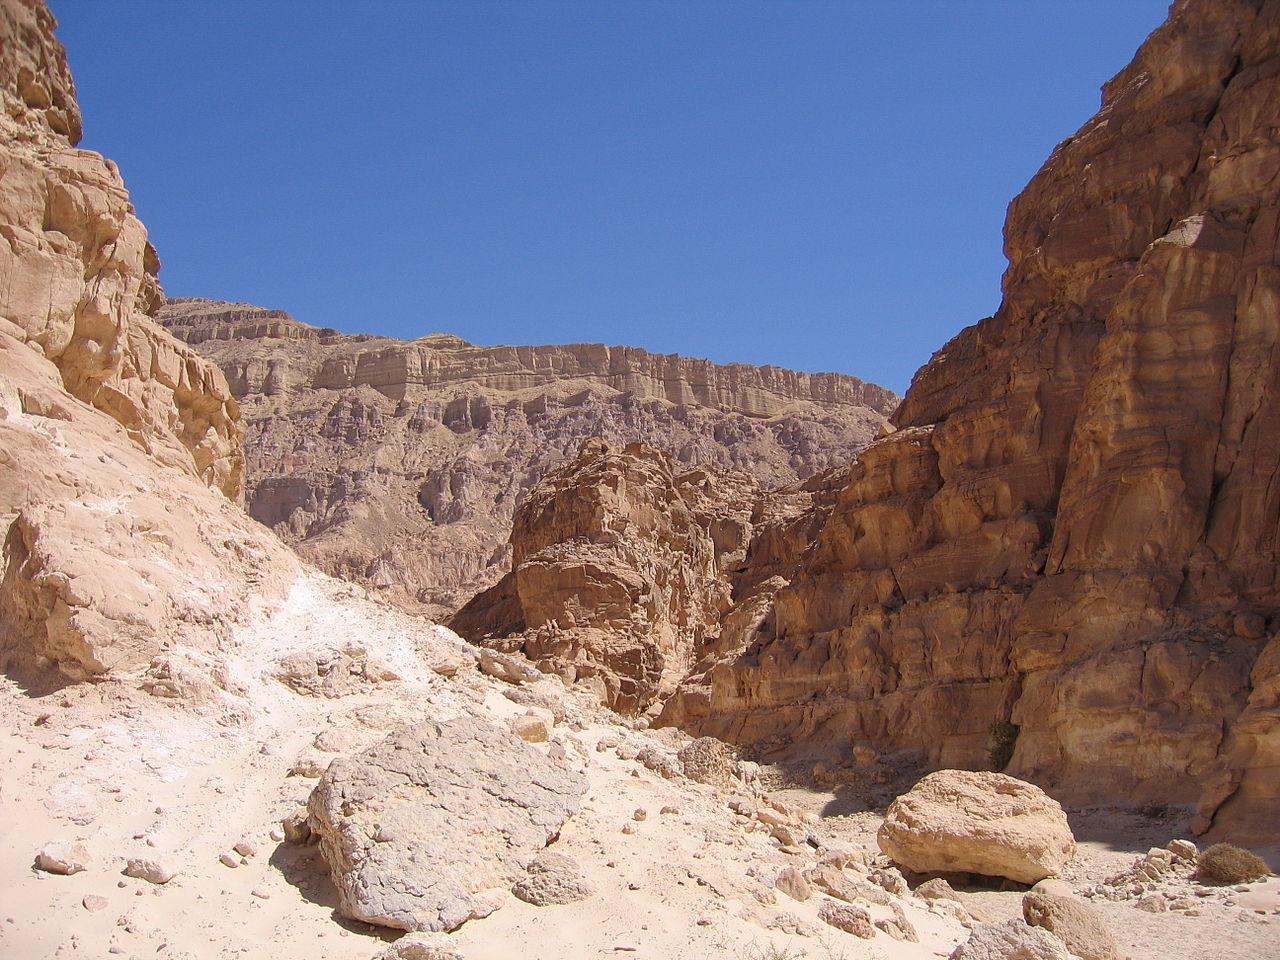 Цветной каньон, скалы из разноцветного песчаника